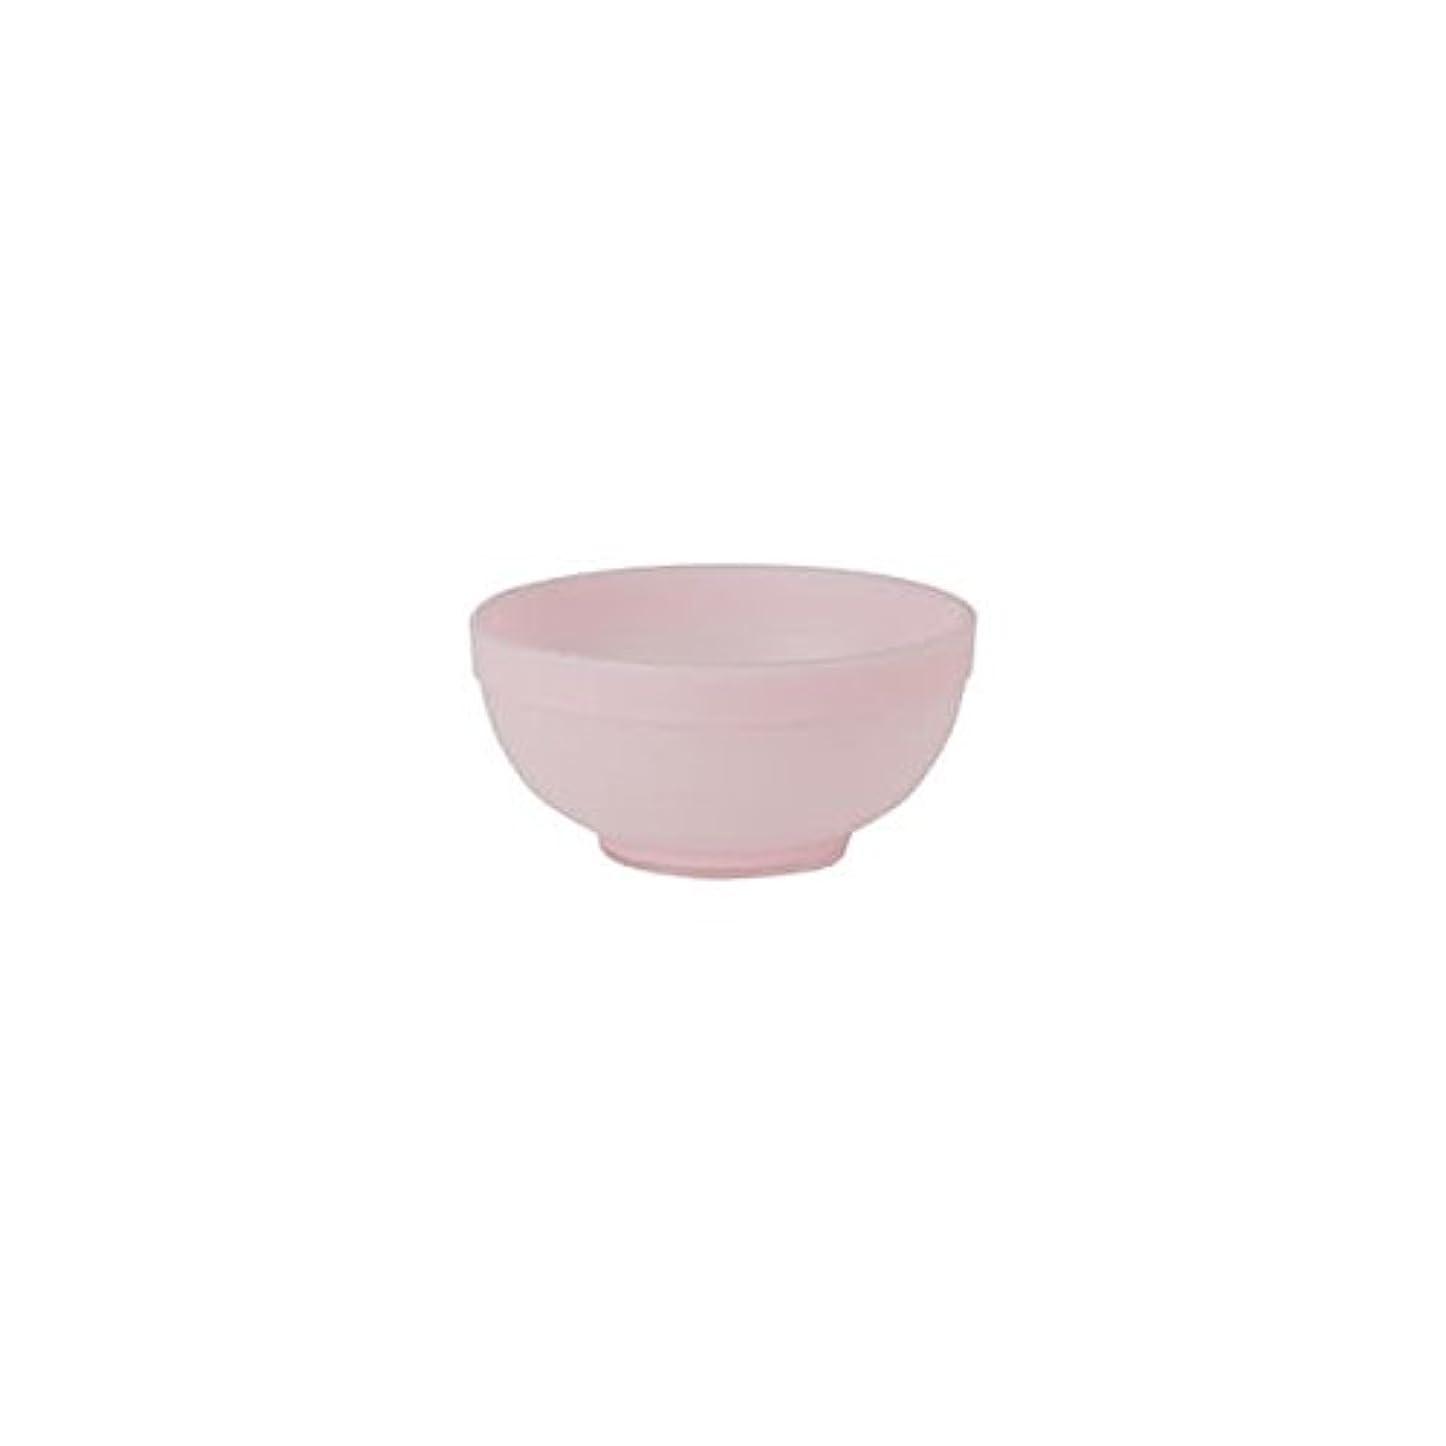 マイスター カラーボウル (Sサイズ) 直径6.5cm ライトピンク [ カラーボール プラスチックボウル プラスチックボール カップボウル カップボール エステ サロン プラスチック ボウル カップ 割れない 歯科 ]